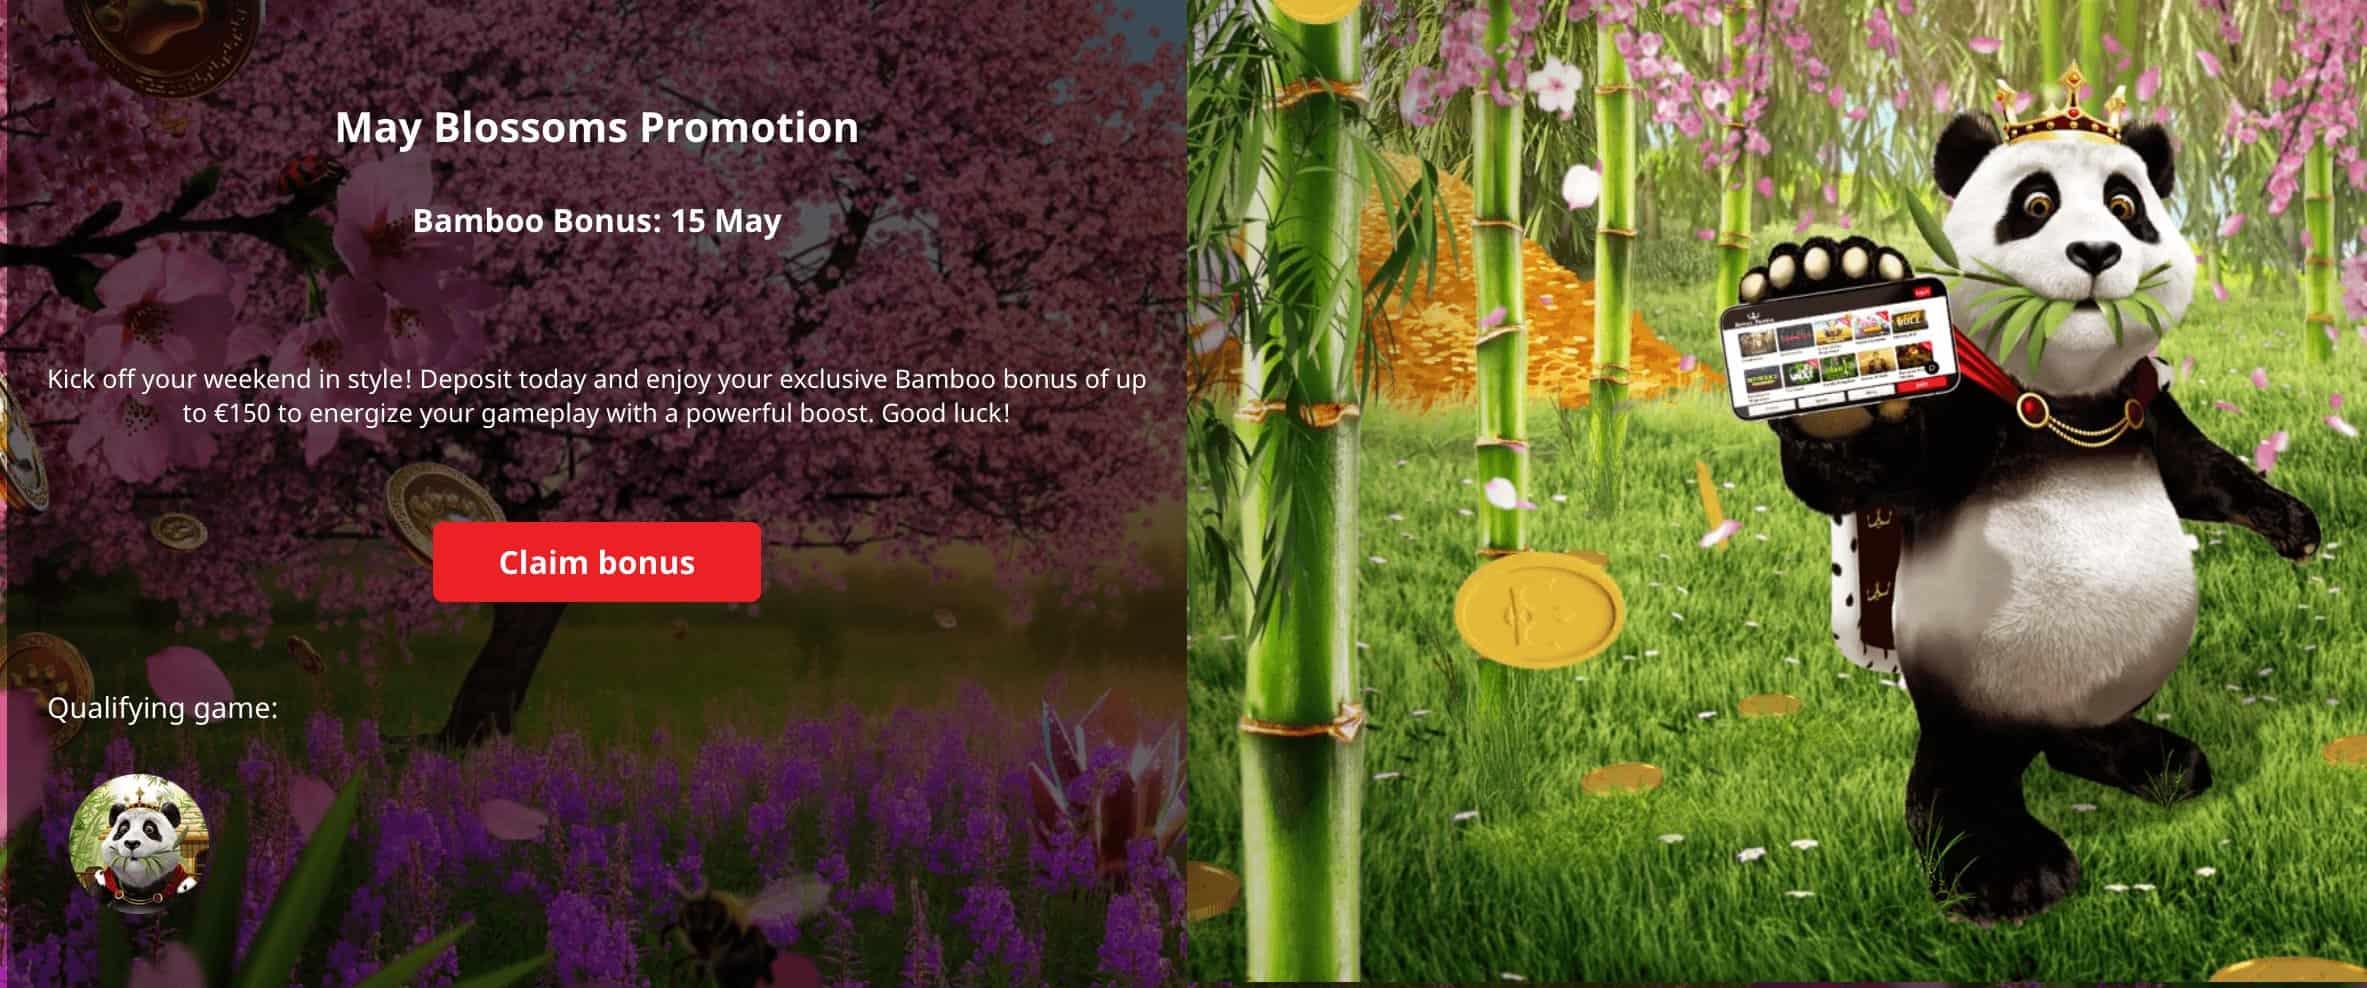 Screenshot of Royal Panda May Blossoms promotion page